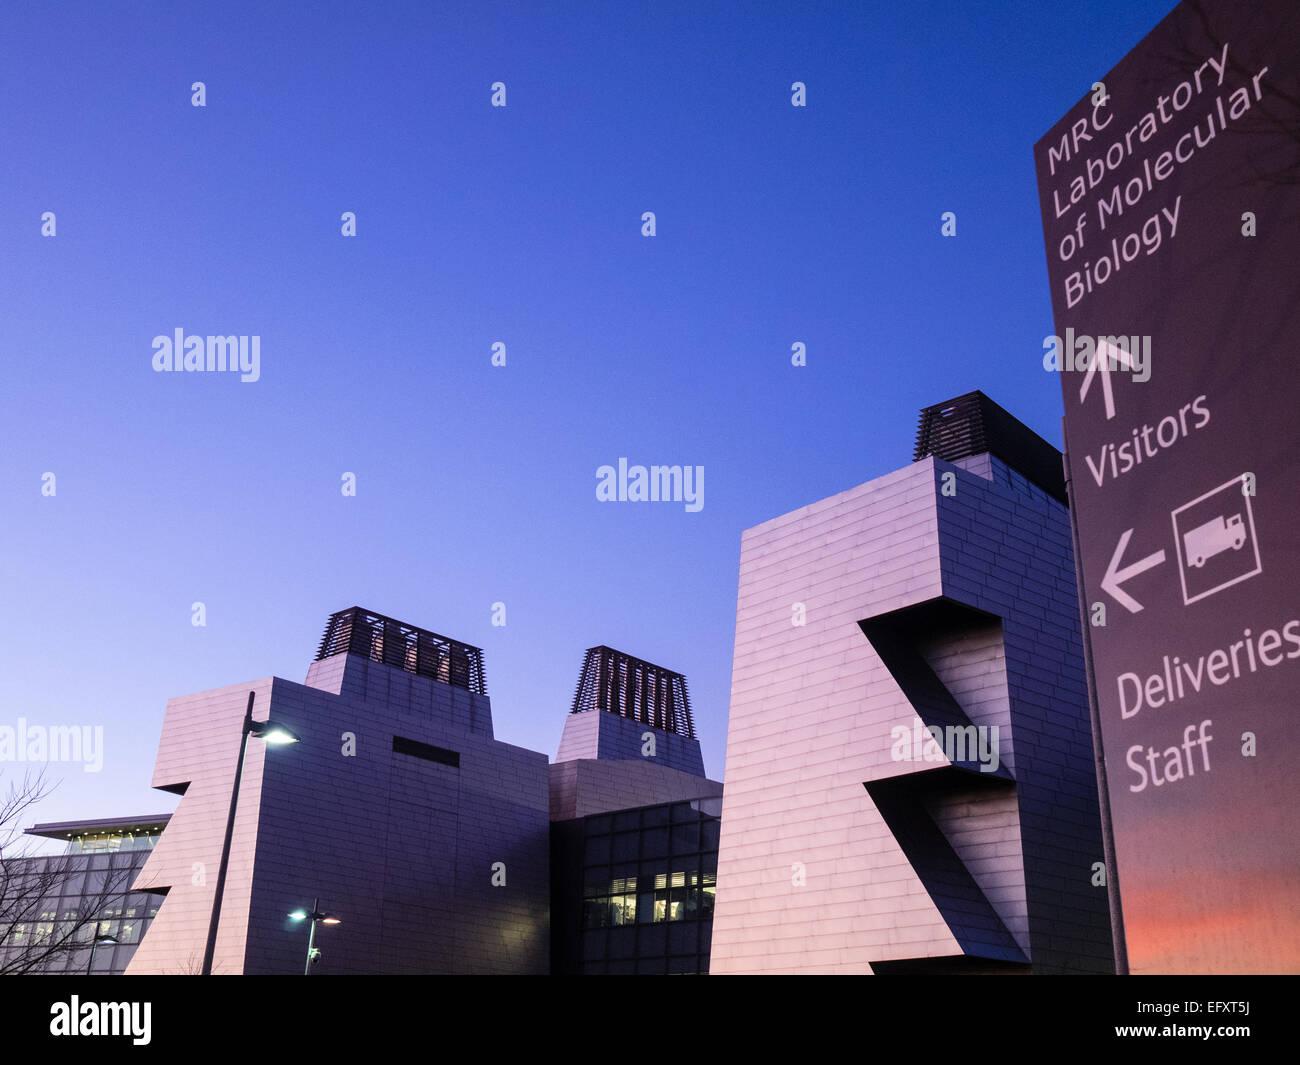 Università Campus Cambridge - Laboratoire de Biologie moléculaire du Medical Research Council de Cambridge Photo Stock